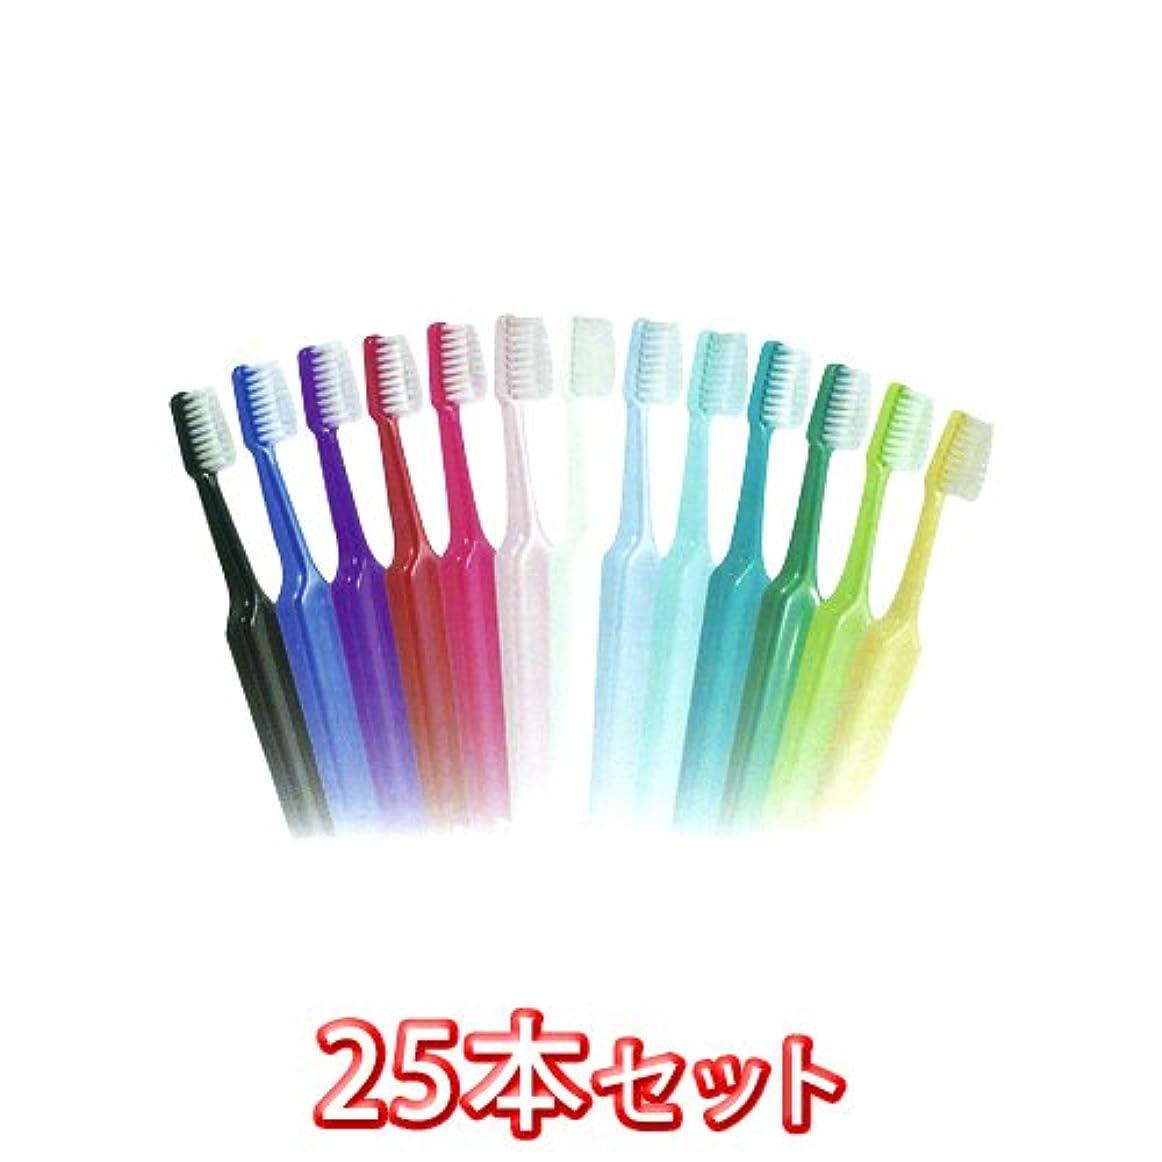 祭司注釈を付ける限られたTePeテペセレクトコンパクト歯ブラシ 25本(コンパクトミディアム)